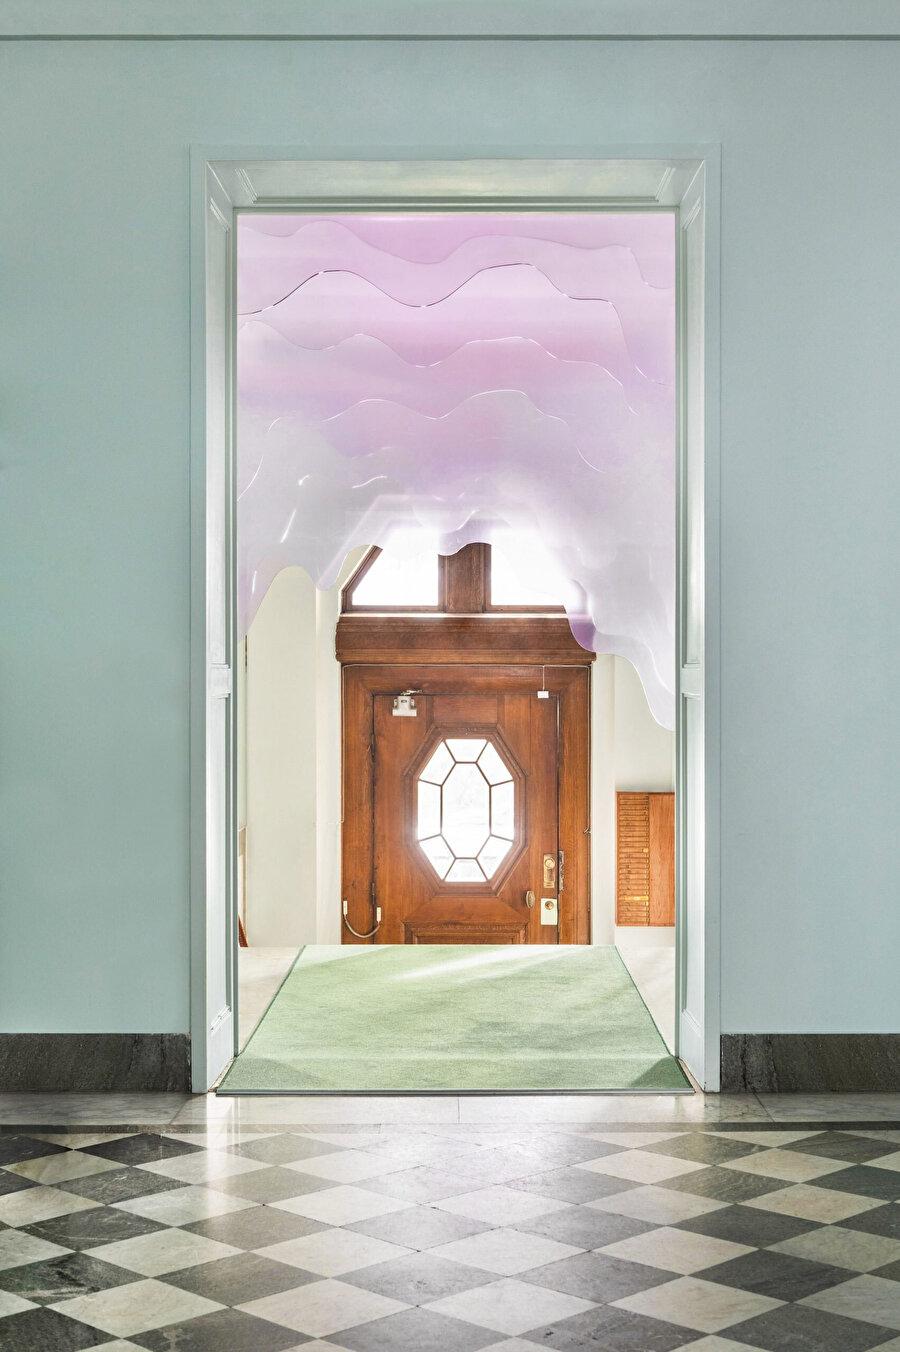 Yapının girişinde, eski ahşap kapıyı çevreleyen pleksiglas enstalasyon, el işçiliği detaylarıyla dikkat çekiyor.